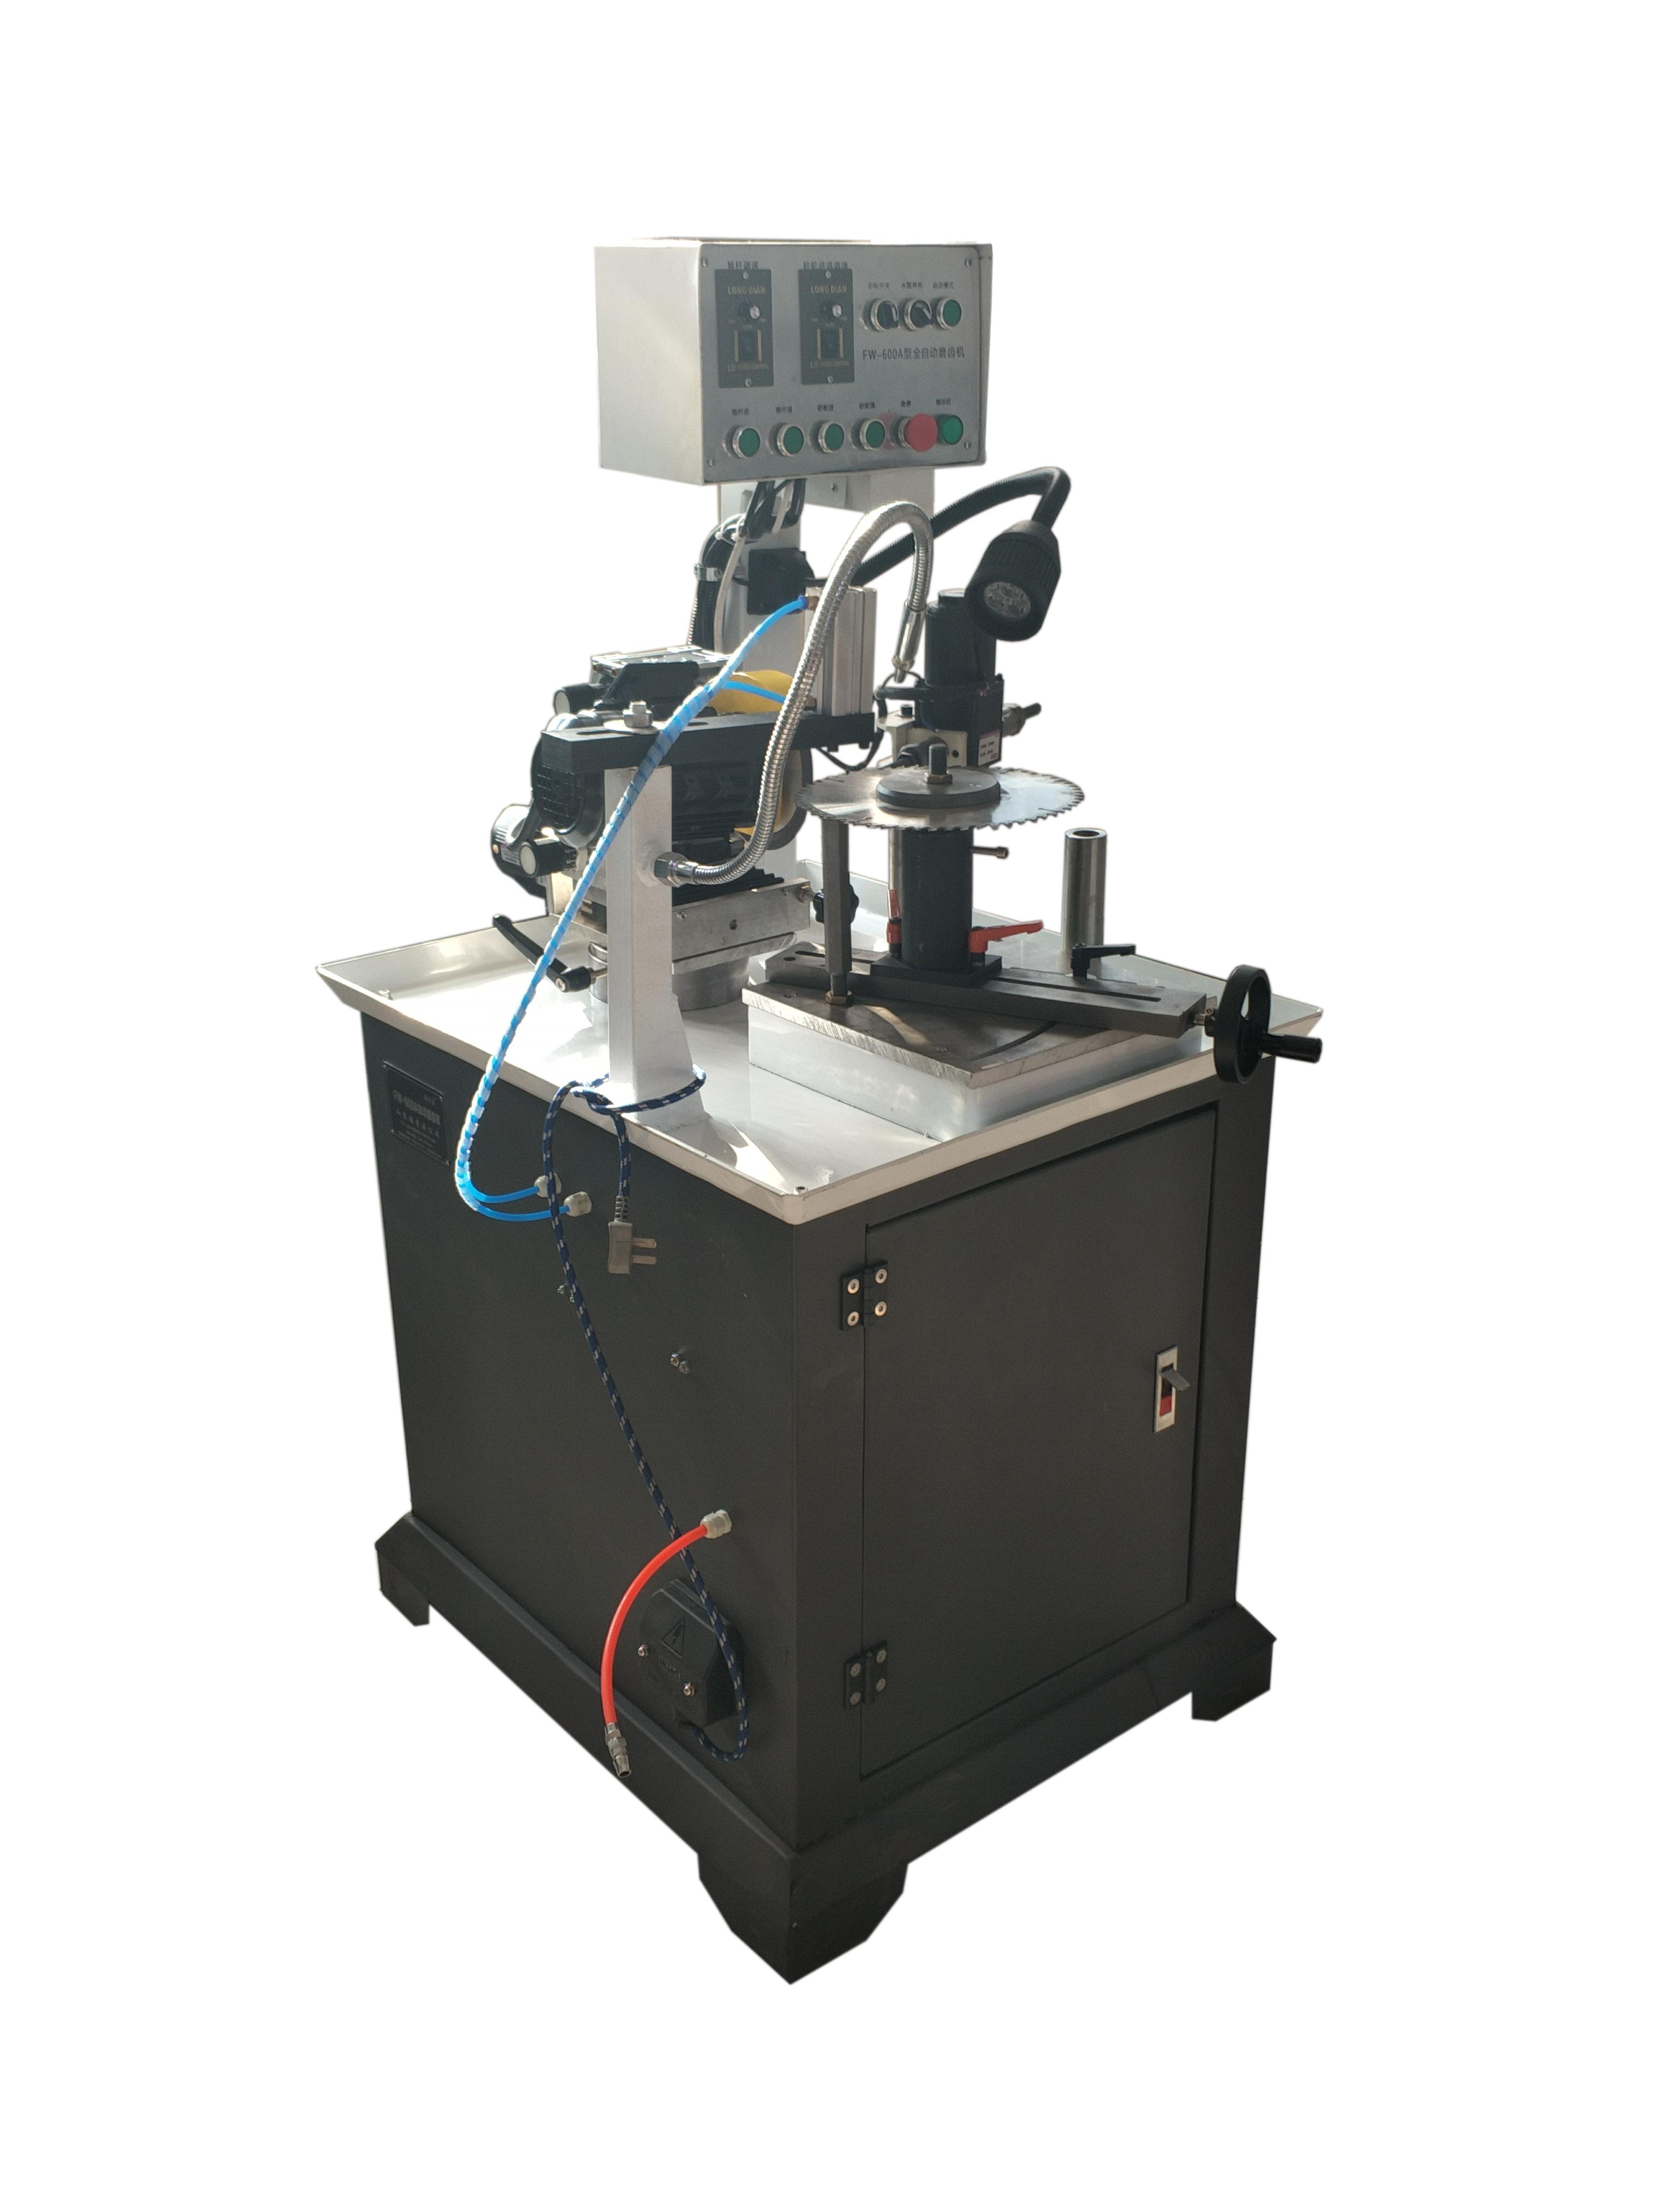 FW-600A 全自动磨齿机左右齿前角后角梯平齿自动合金锯片自动出  FW-600A全自动磨齿机